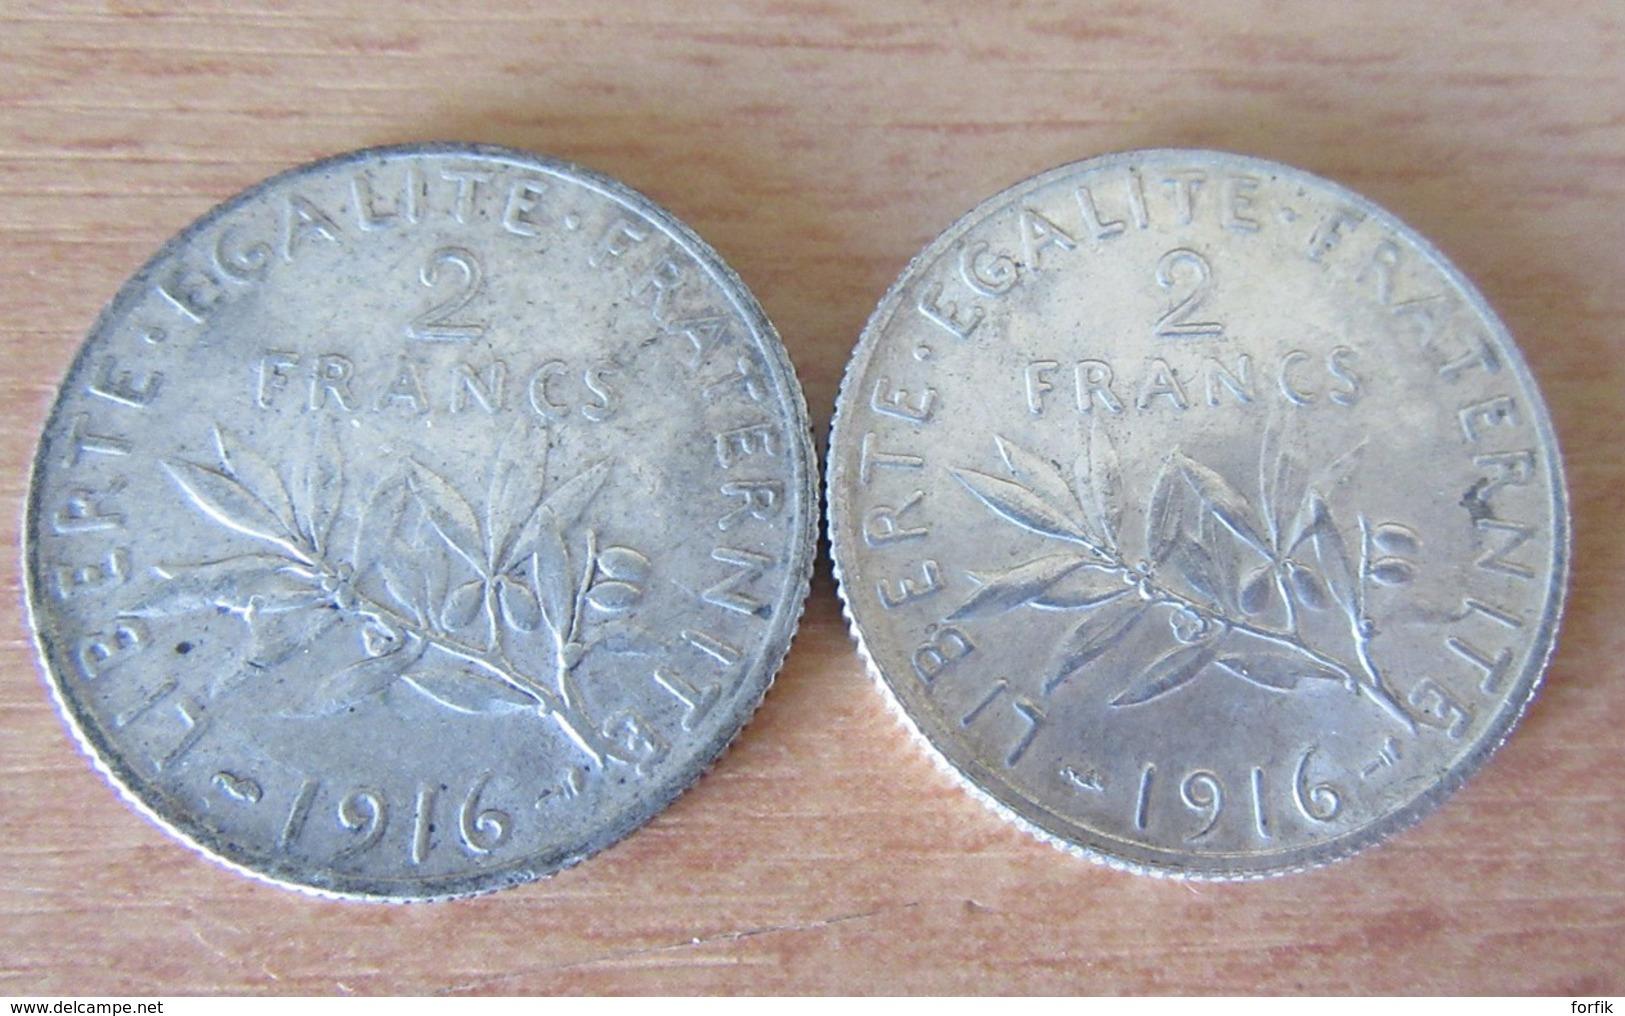 France - 13 Monnaies En Argent Début 20e Siècle - 1fr 2fr 10fr 20fr + Curiosité 2 Francs 1902 Faux D'époque, Voir Détail - Francia